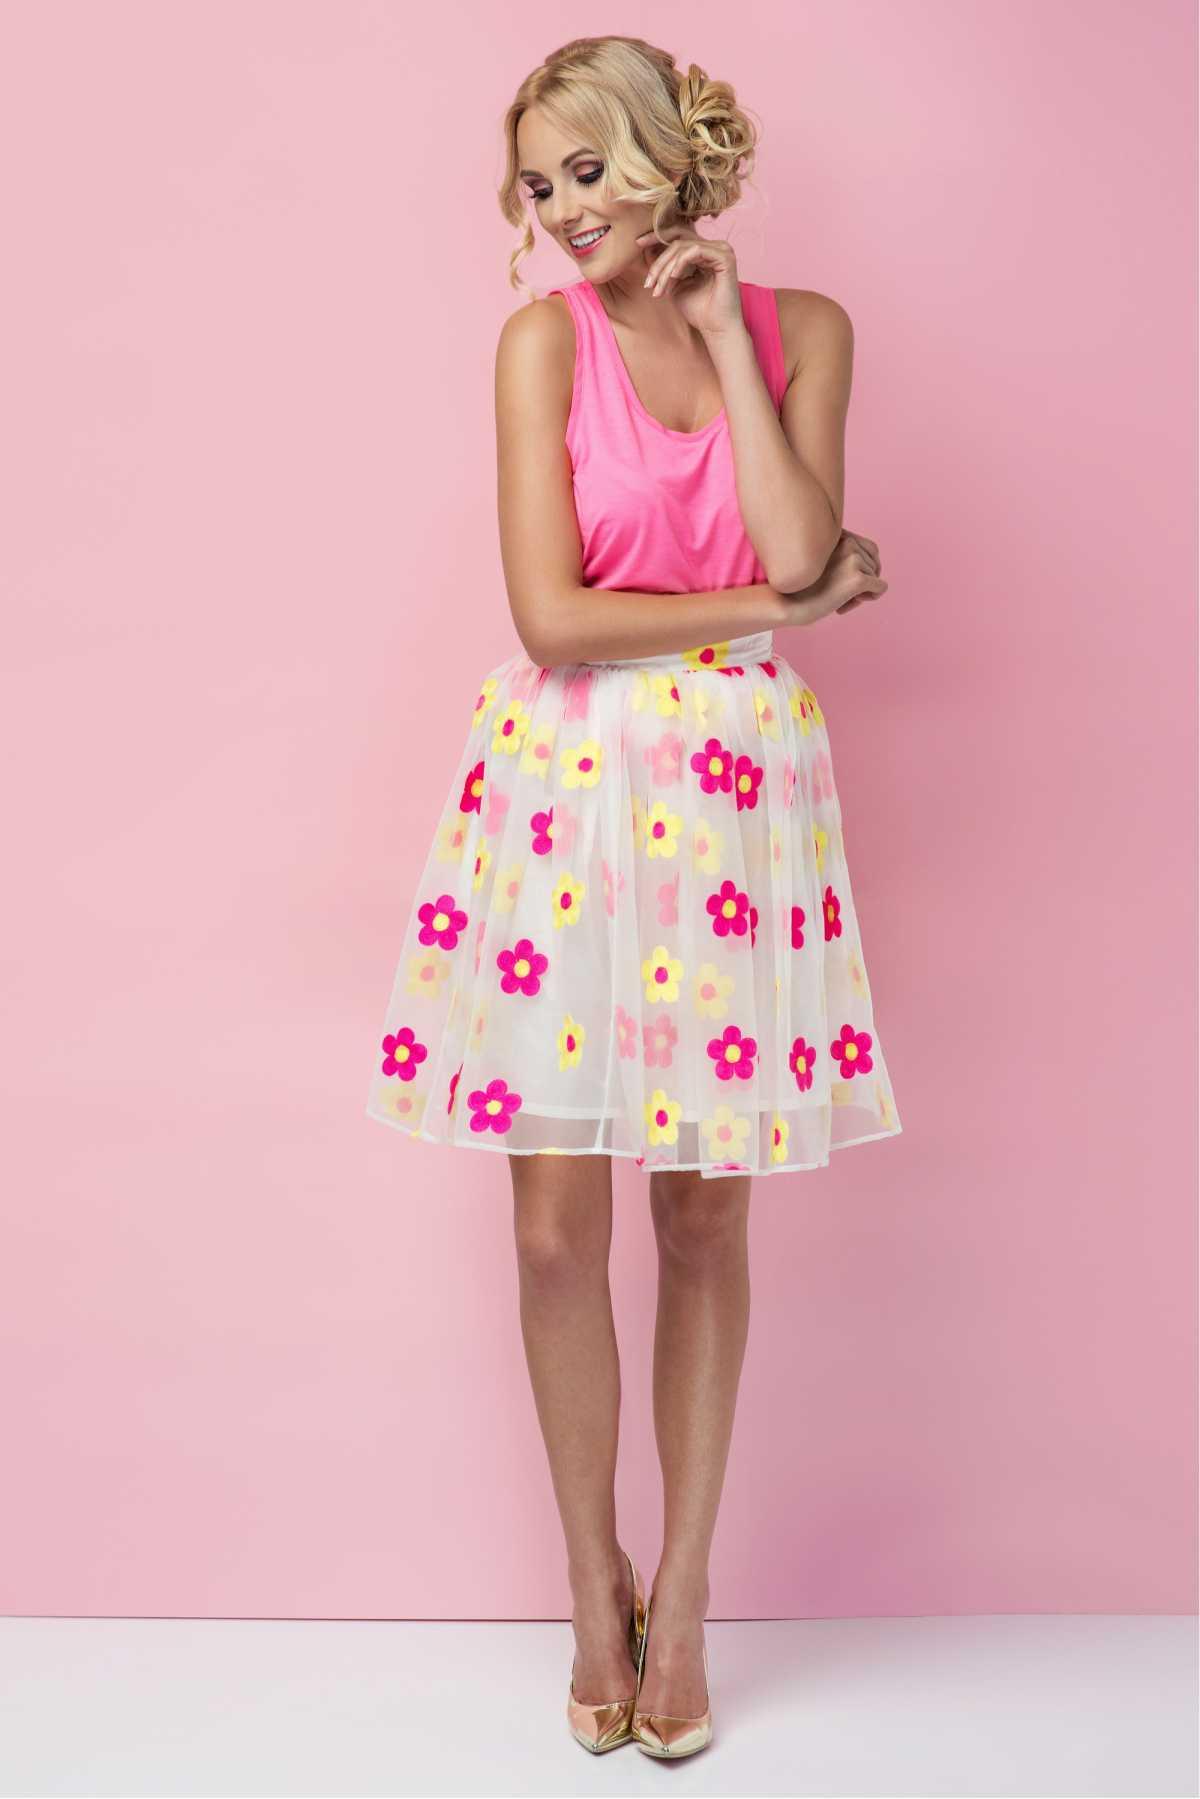 vestido rosa com aplicações de flores na saia